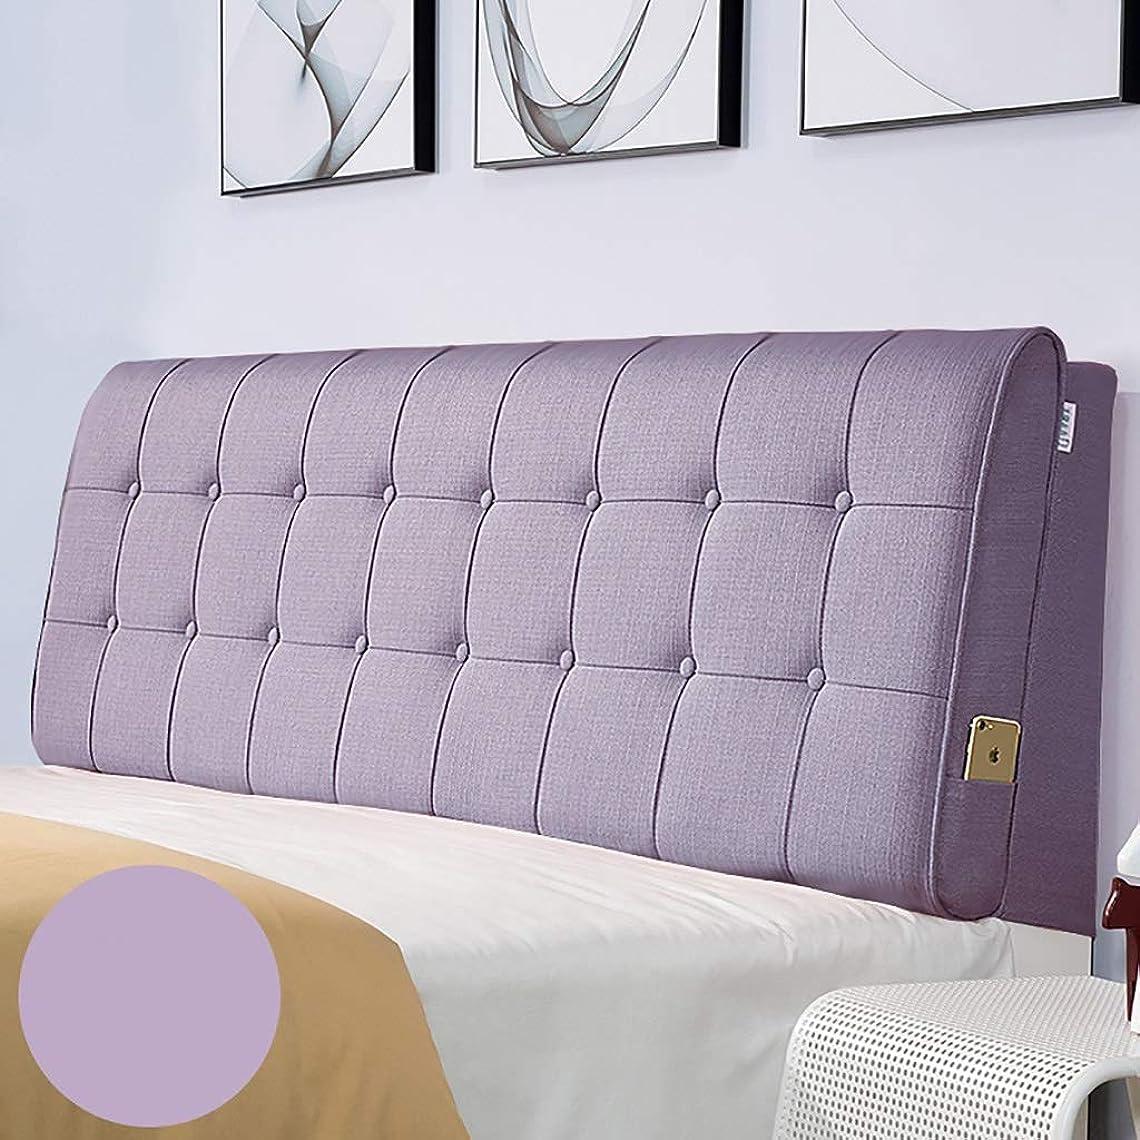 力学予言する準備するベッド枕 多色オプションのベッドヘッドクッションクッション大バックヘッドボードソフトカバー生地畳取り外し可能と洗える綿とリネン素材サイズ90センチメートル - 200センチメートルオプション 写真ベッド枕首まくら (色 : I, サイズ さいず : No bed(200*60))